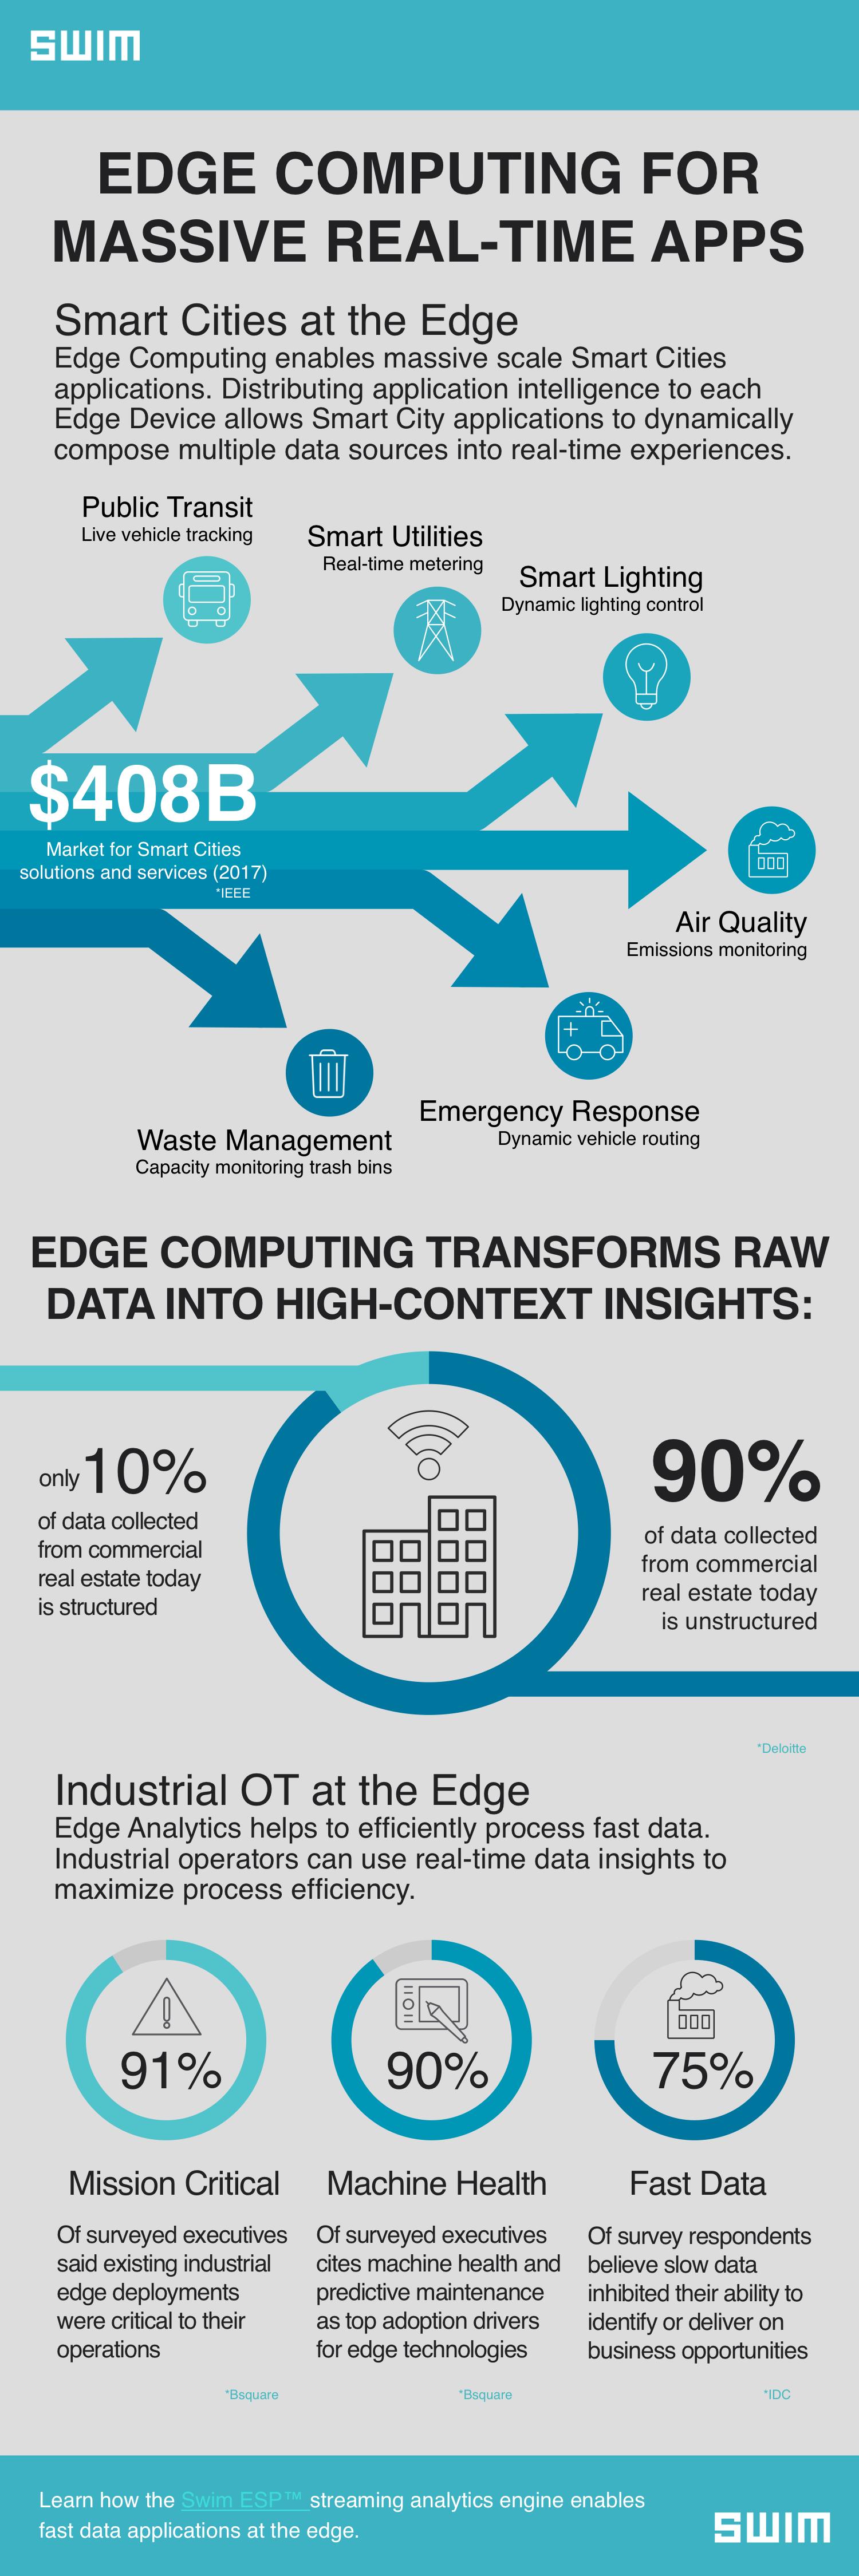 Swim_Edge Computing Apps_Infographic